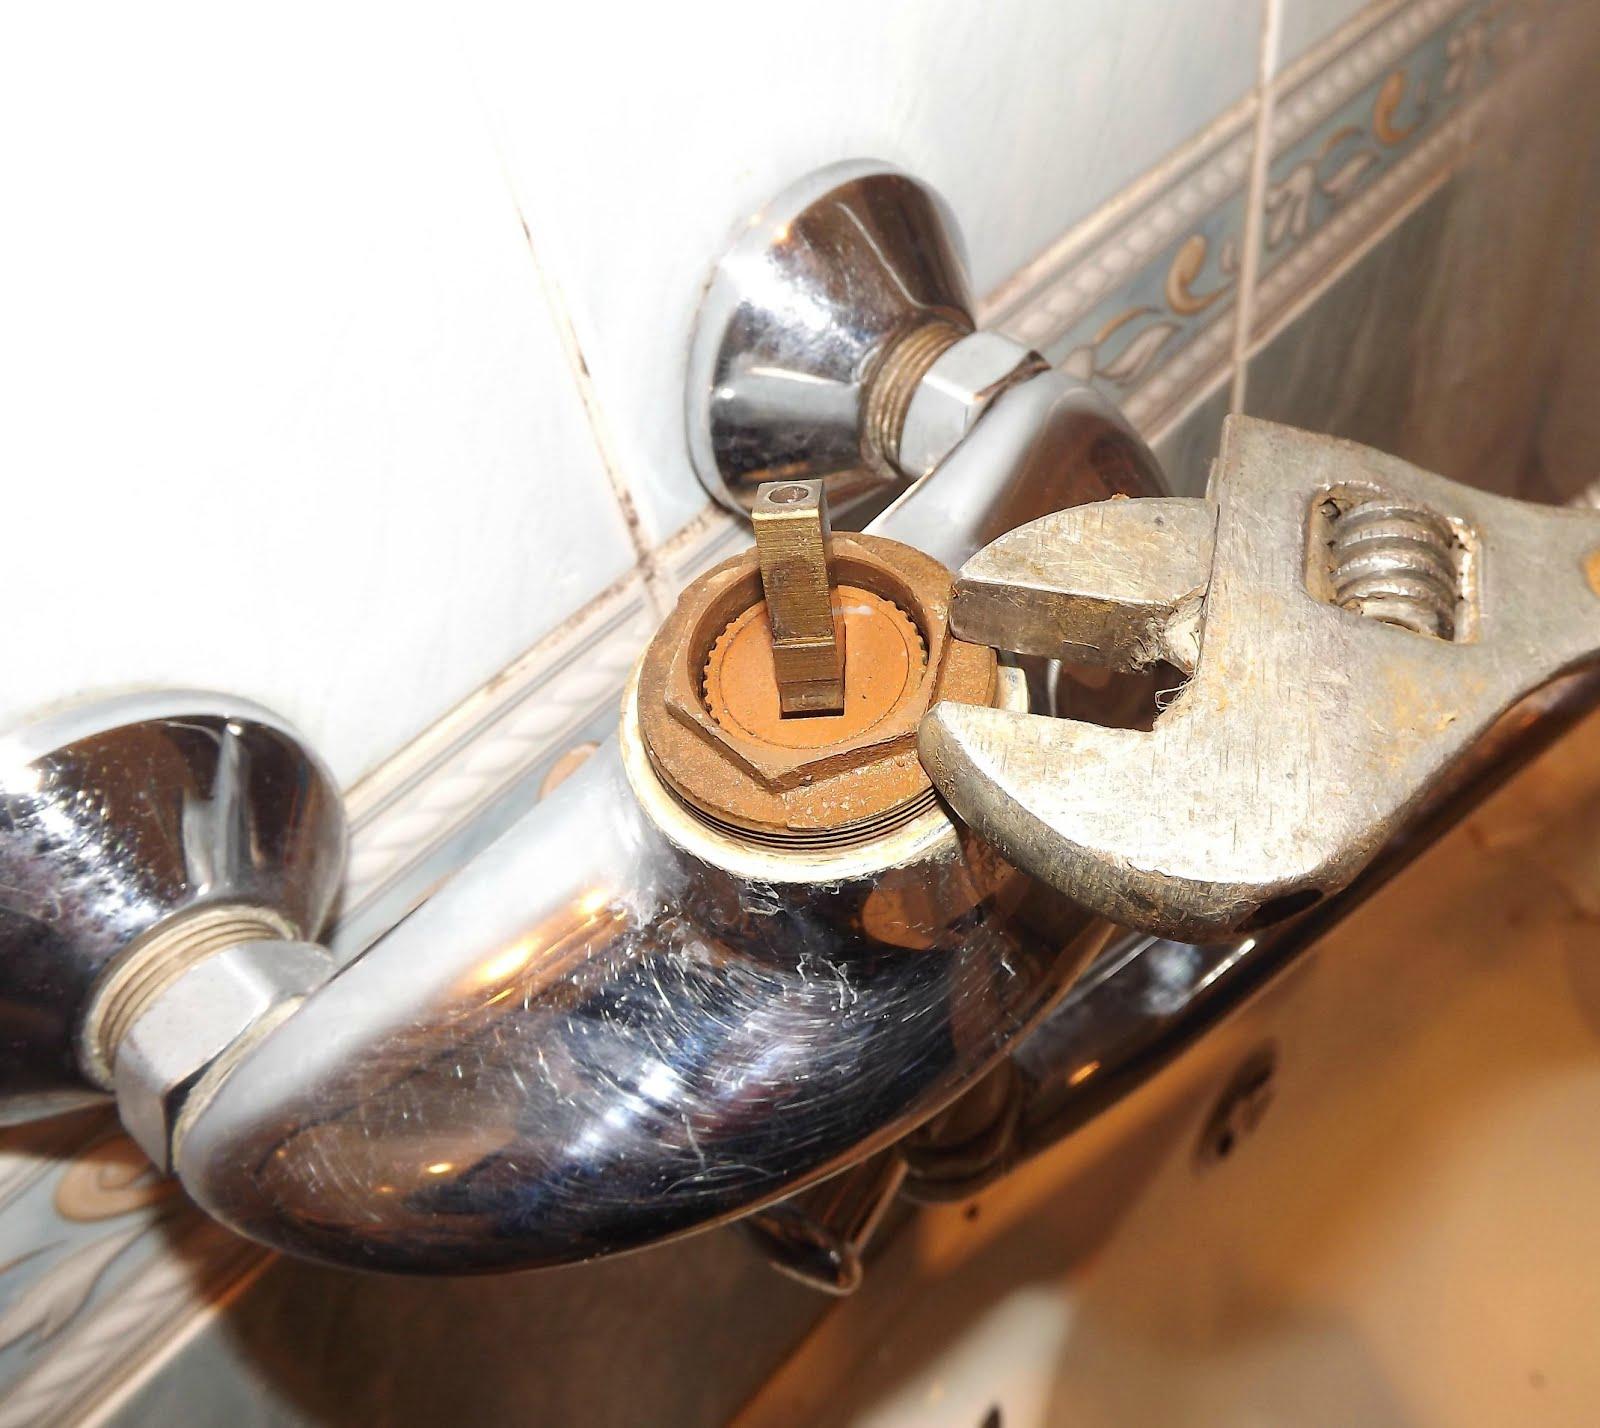 bathtub faucet repairing procedure   bathroom repair: how to fix leaky faucet